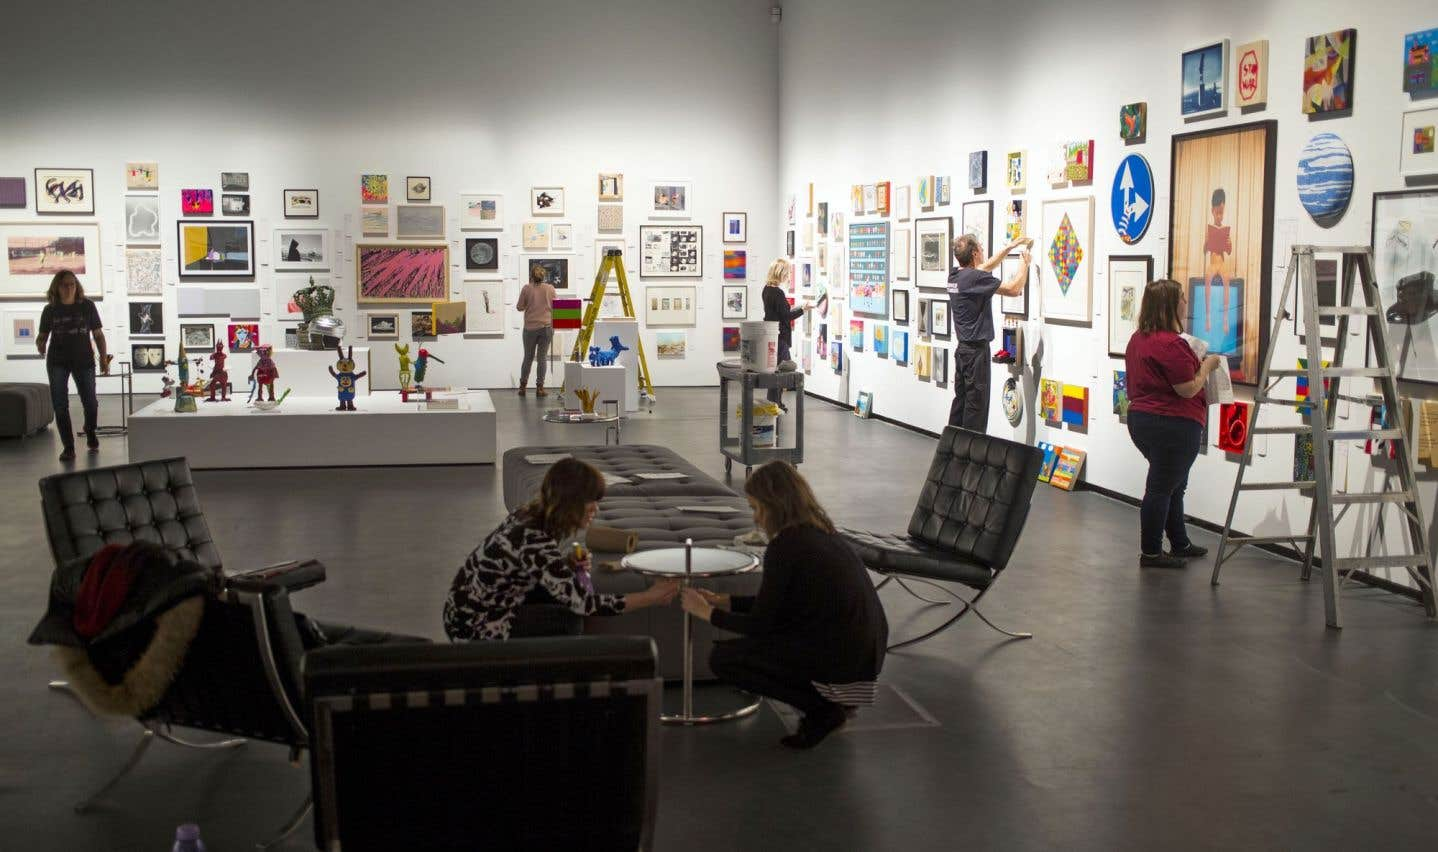 L'art comme prescription médicale